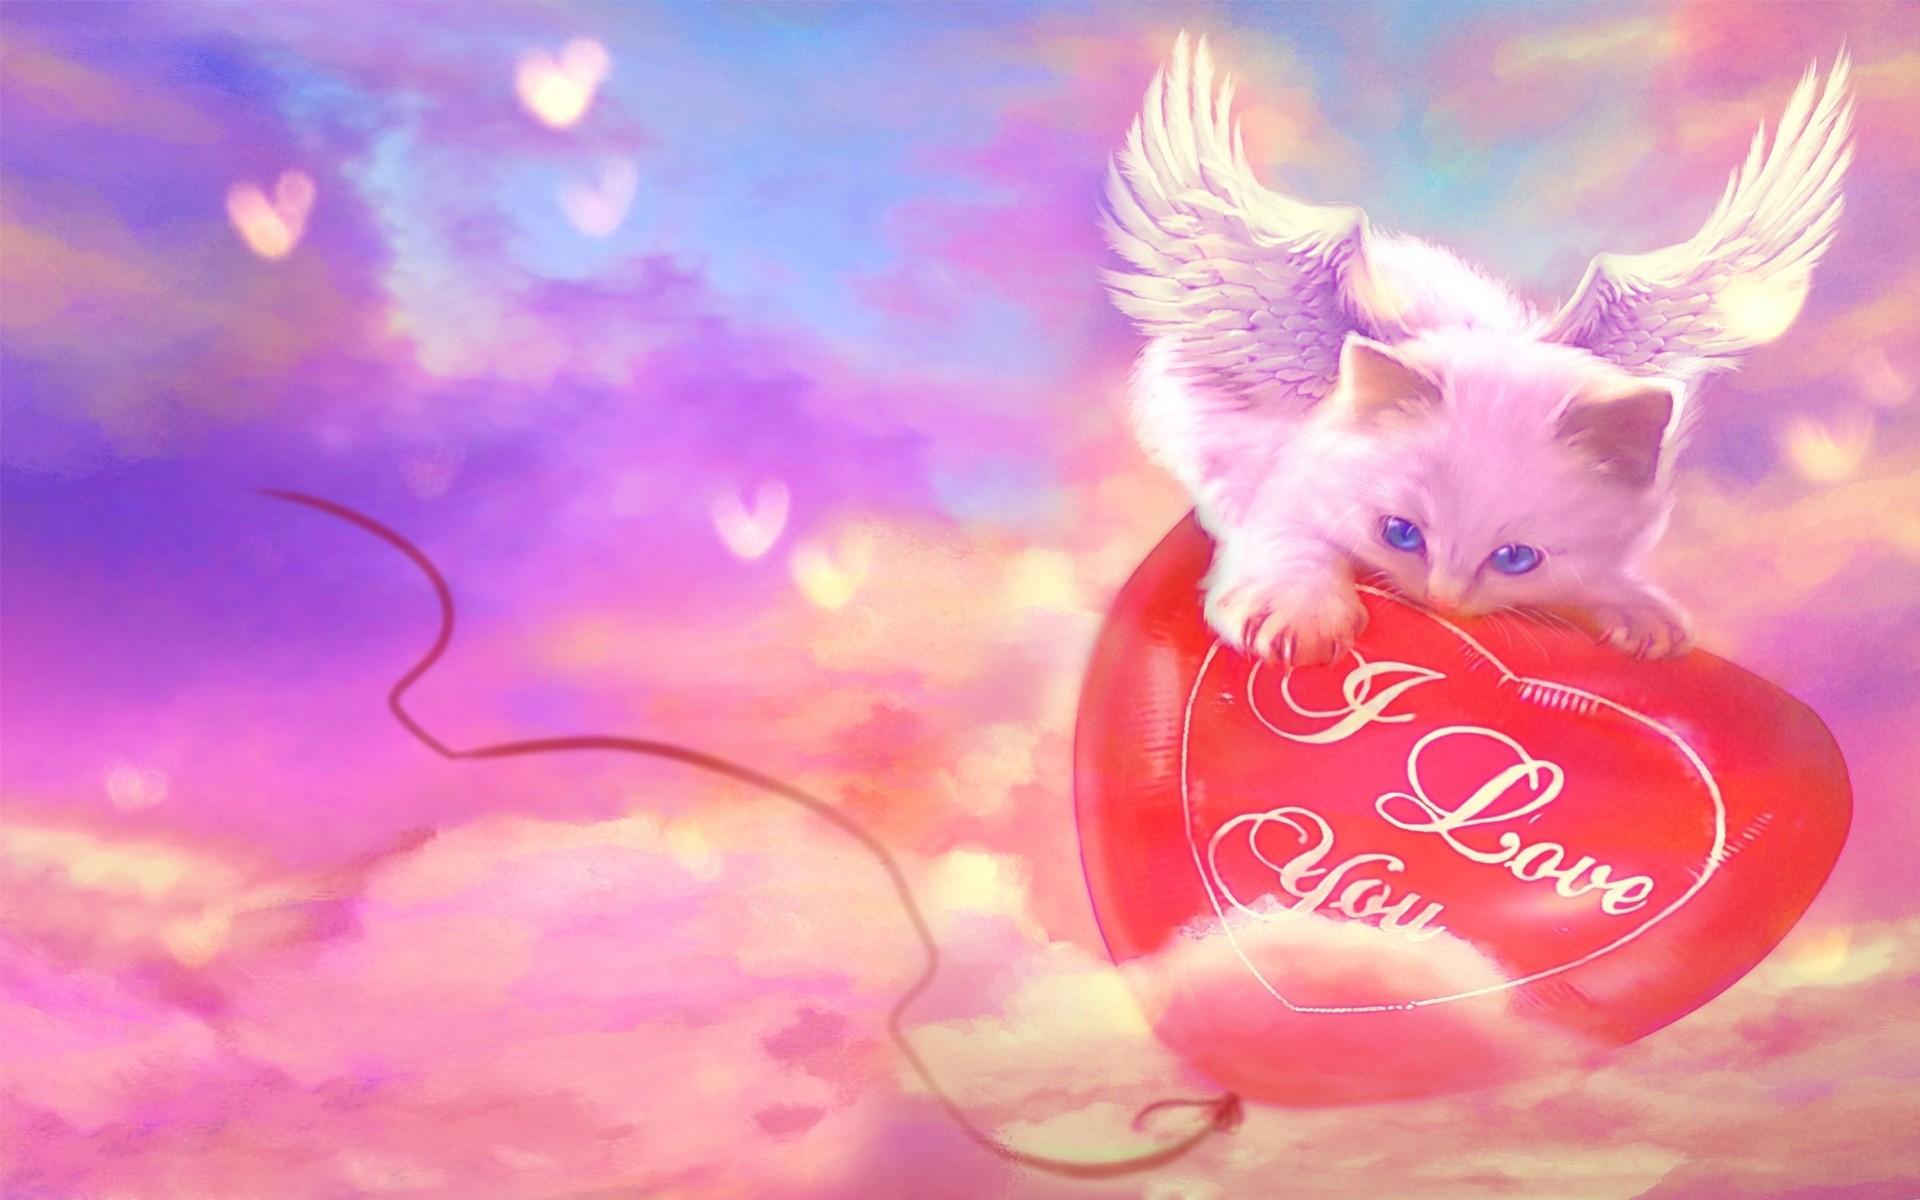 Картинки с сердечками и надписями и ангелами